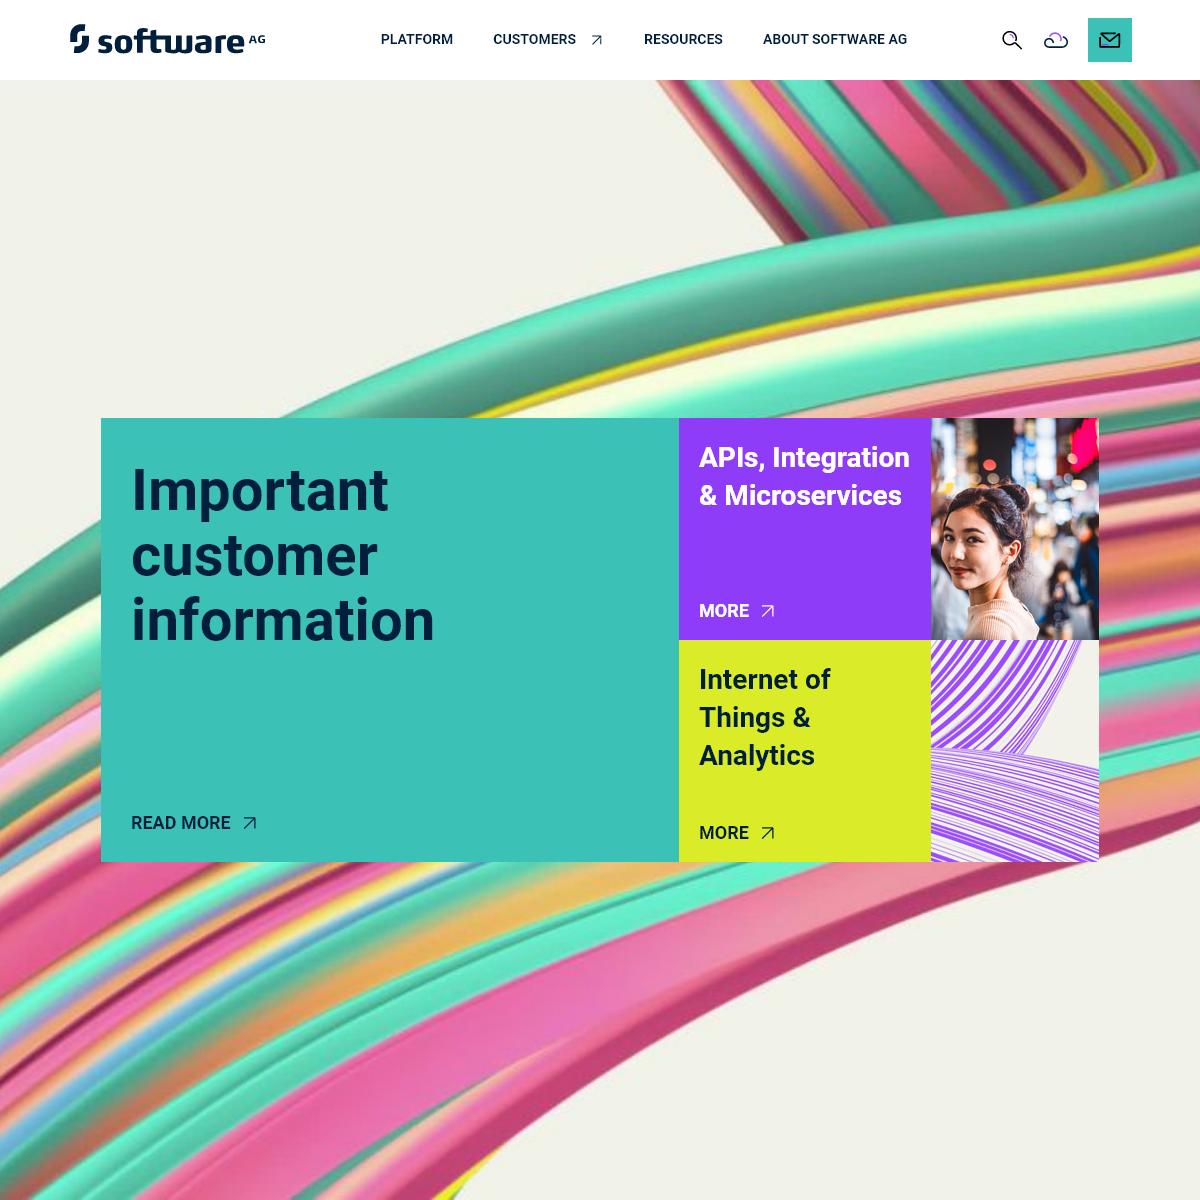 Enterprise Integration & IoT Platform - Software AG